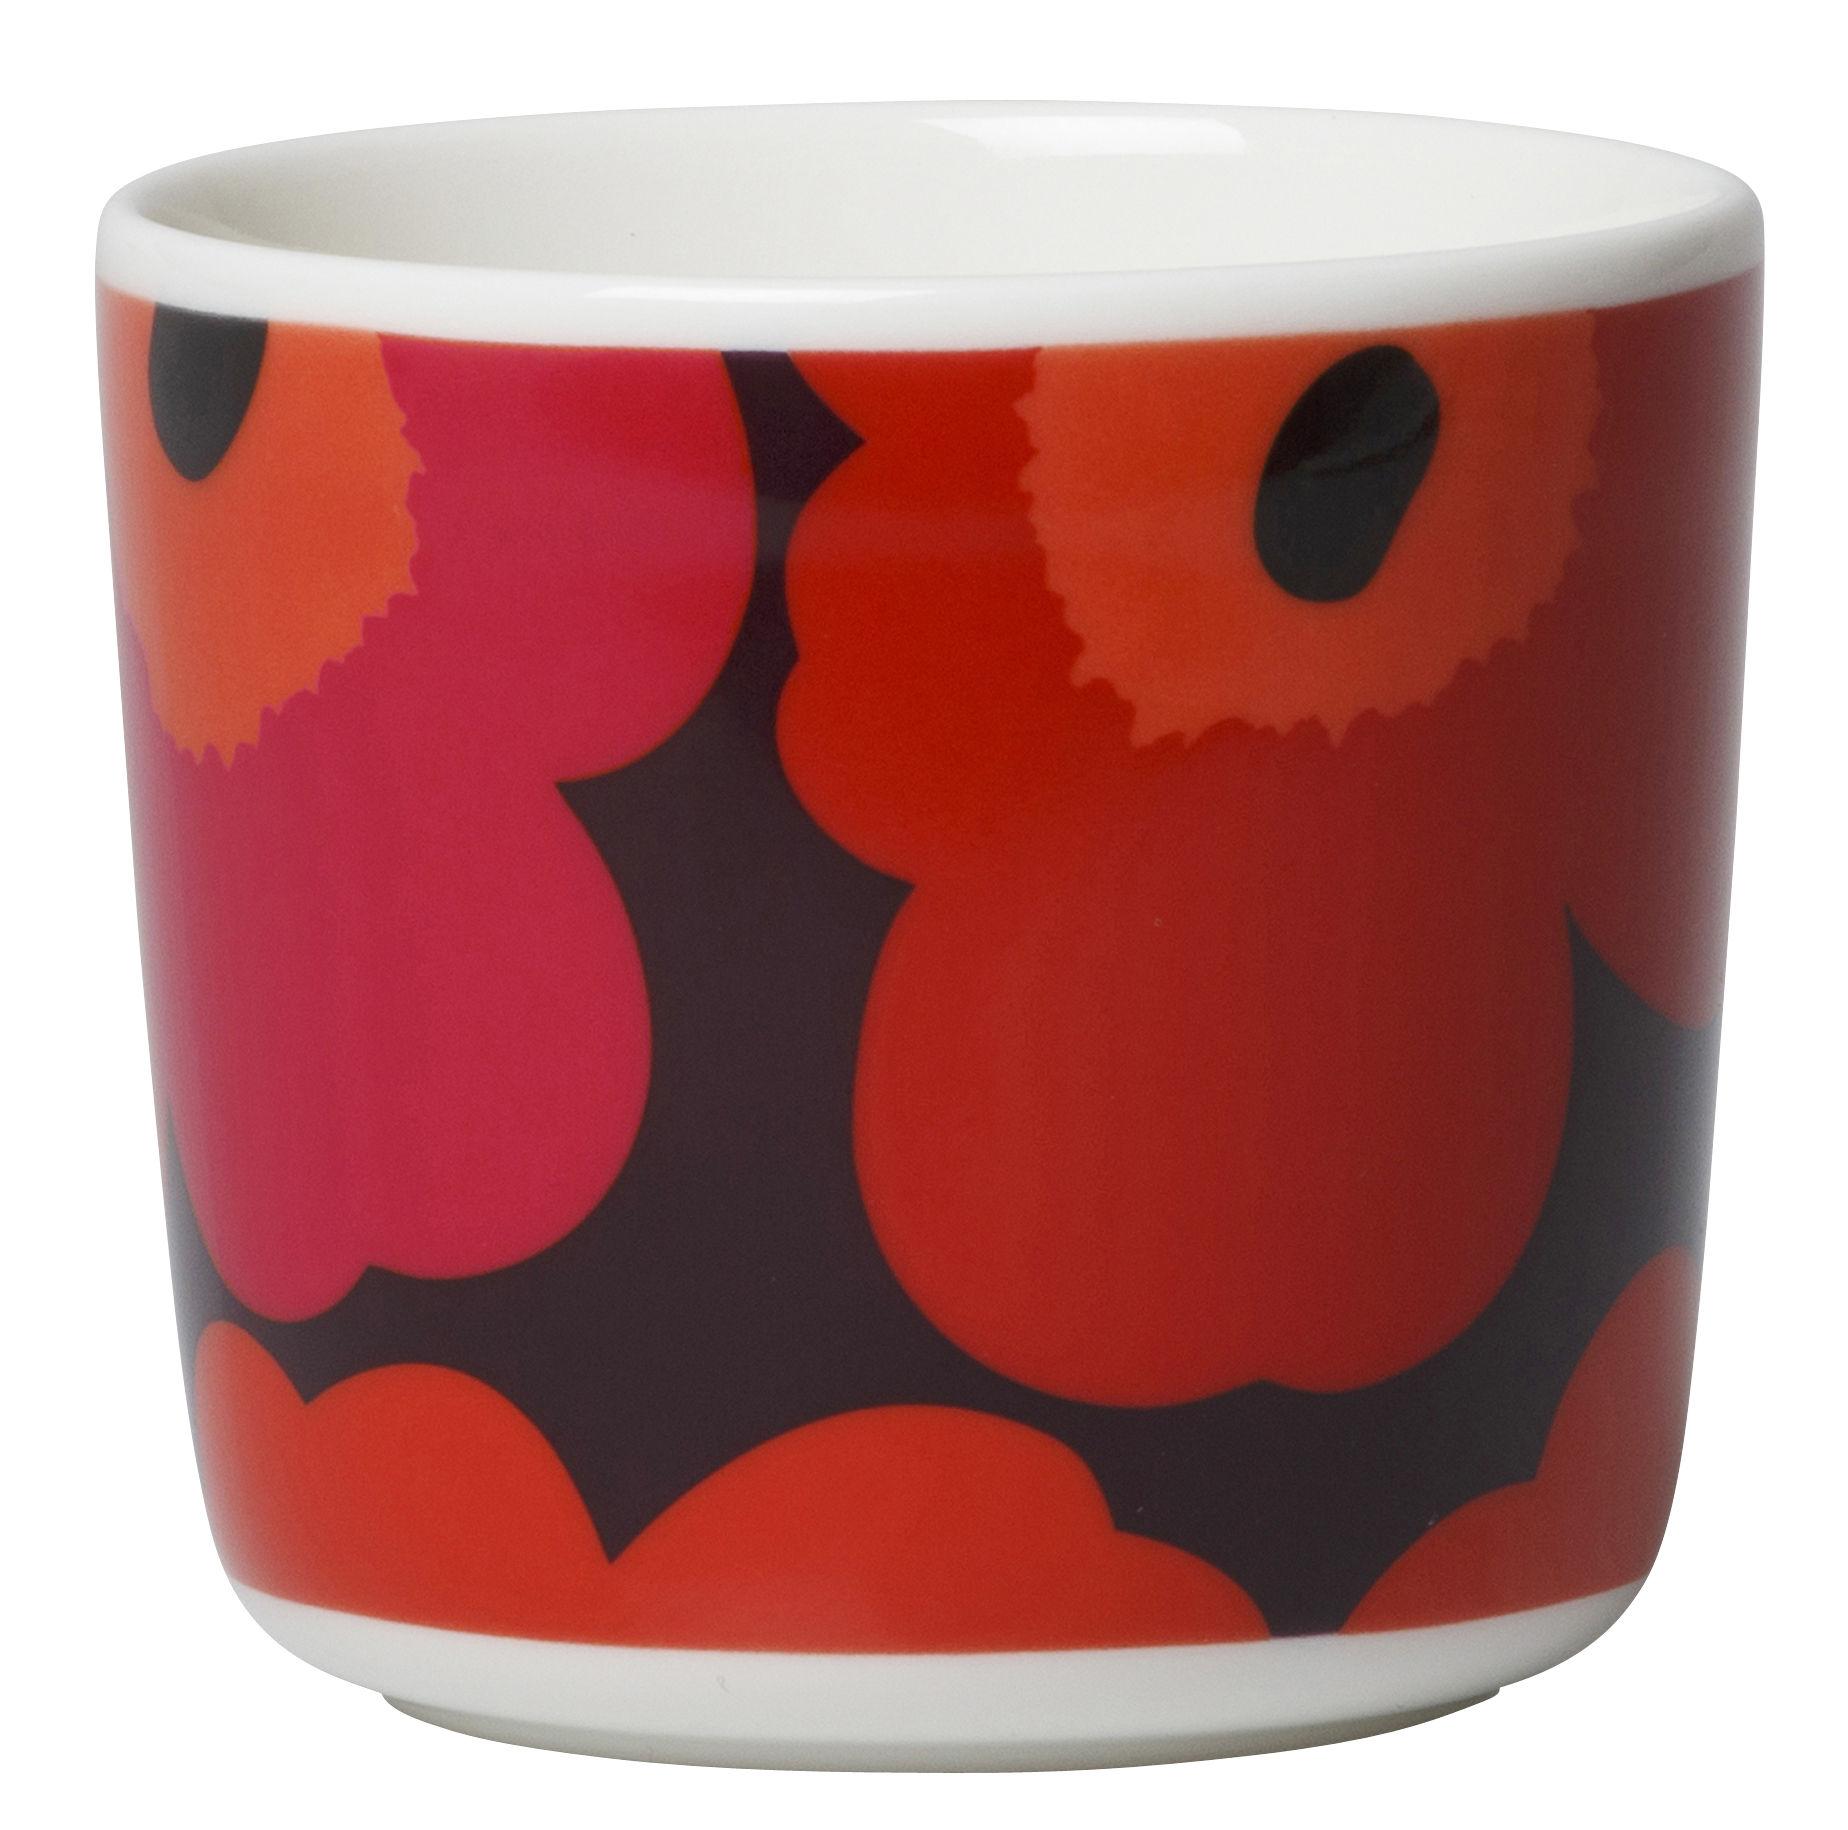 unikko kaffeetasse ohne henkel 2er set unikko rosa orange by marimekko made in design. Black Bedroom Furniture Sets. Home Design Ideas